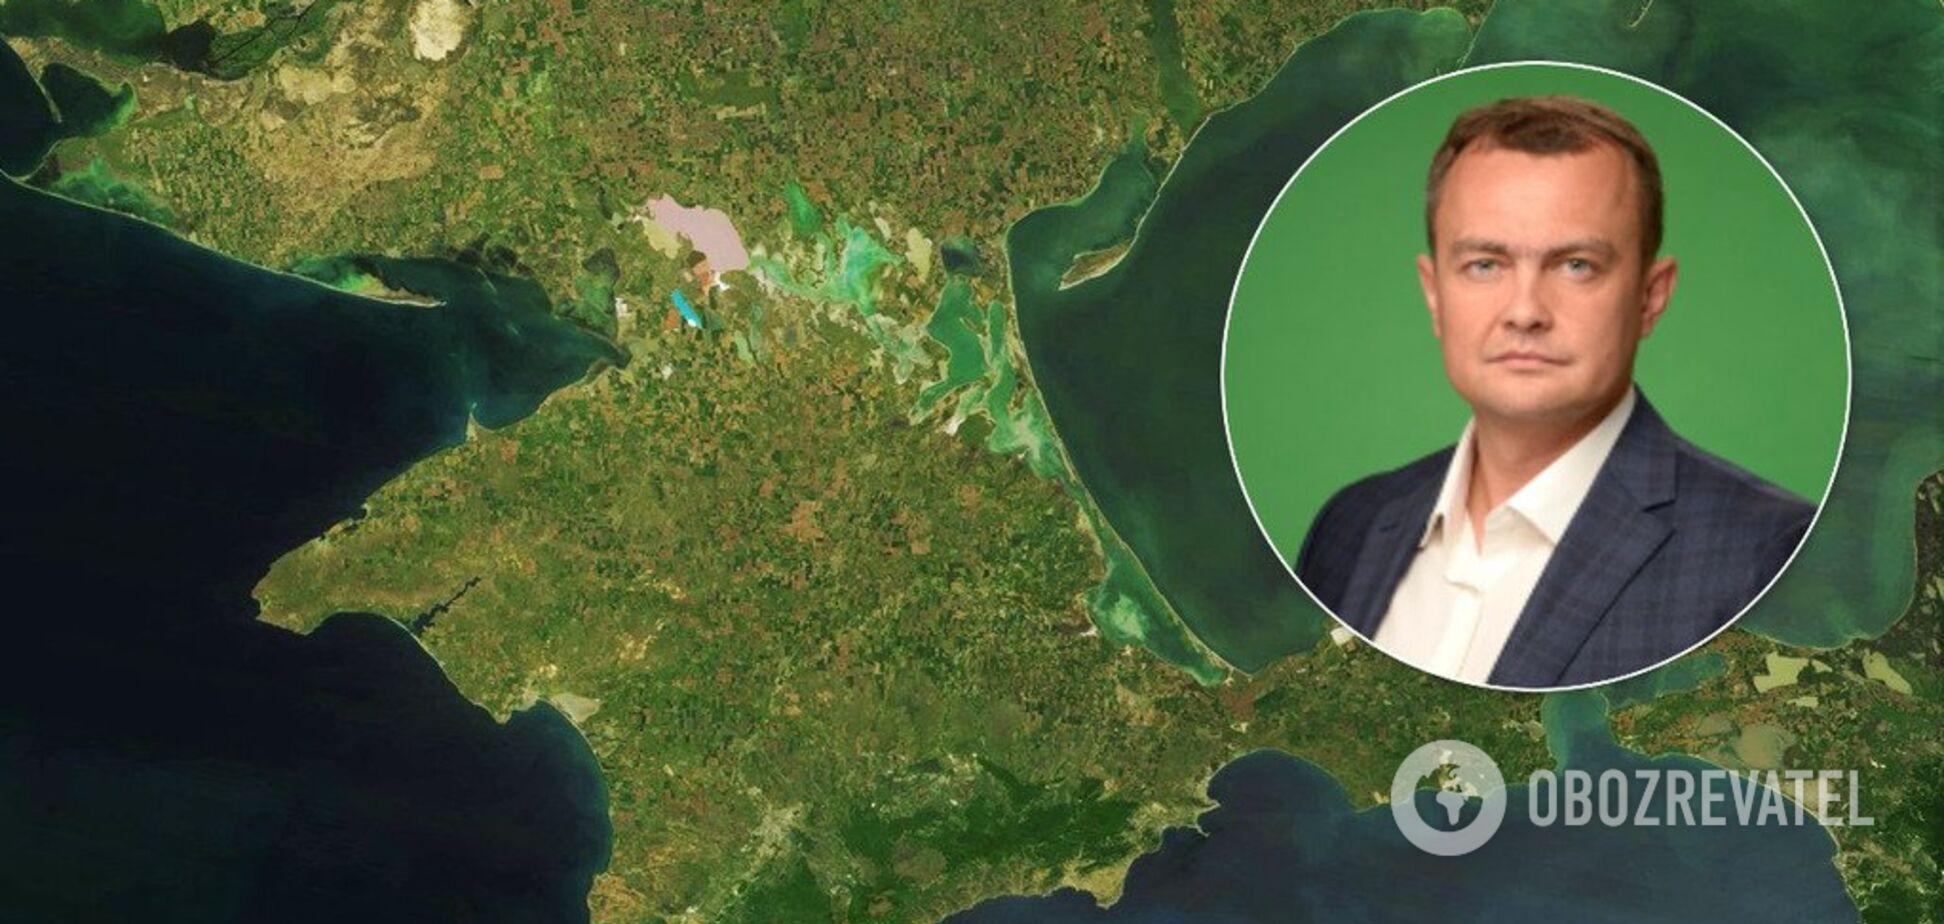 Юрій Аристов заявив про ідею продавати воду в Крим